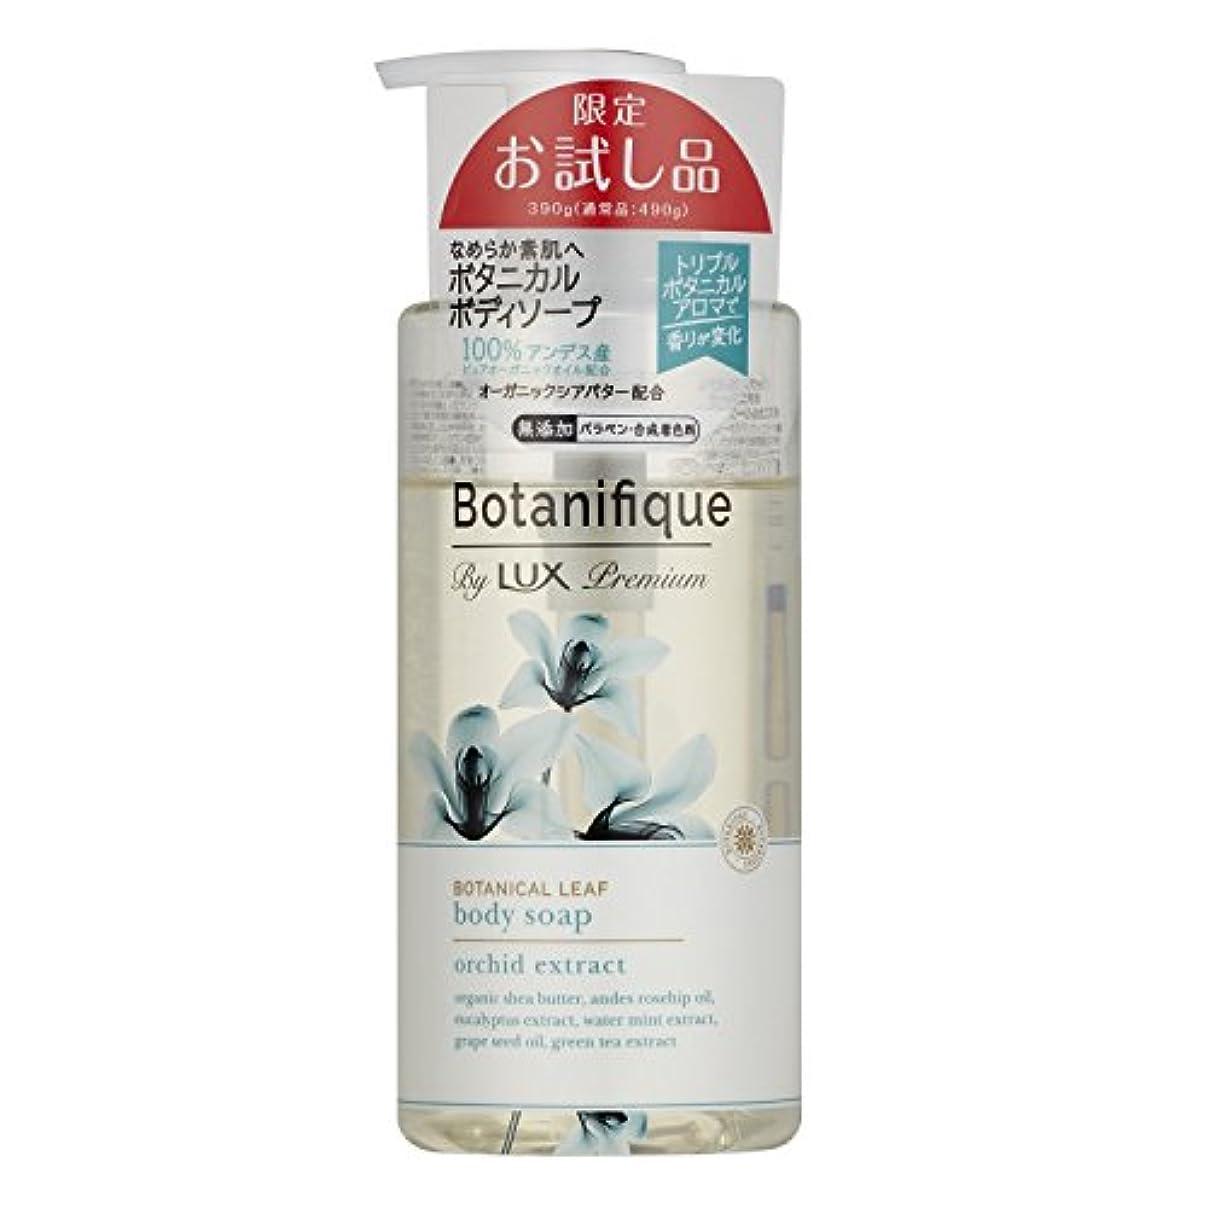 ラックス プレミアム ボタニフィーク ボタニカルリーフ ボディソープ ポンプ(ボタニカルリーフの香り) お試し品 390g